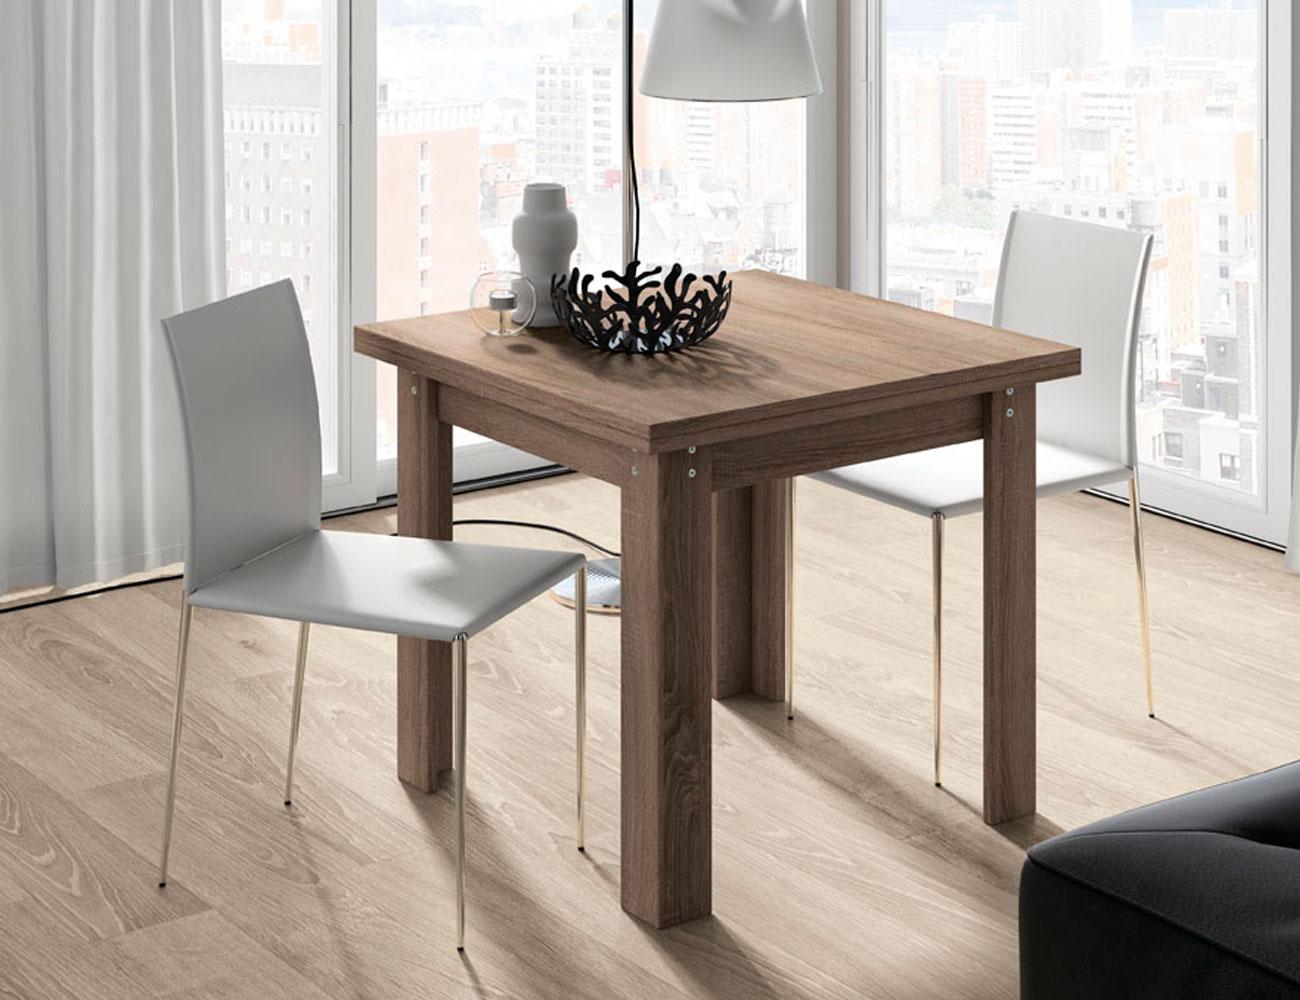 El factory del mueble utrera excellent mesa centro for Factory del mueble madrid